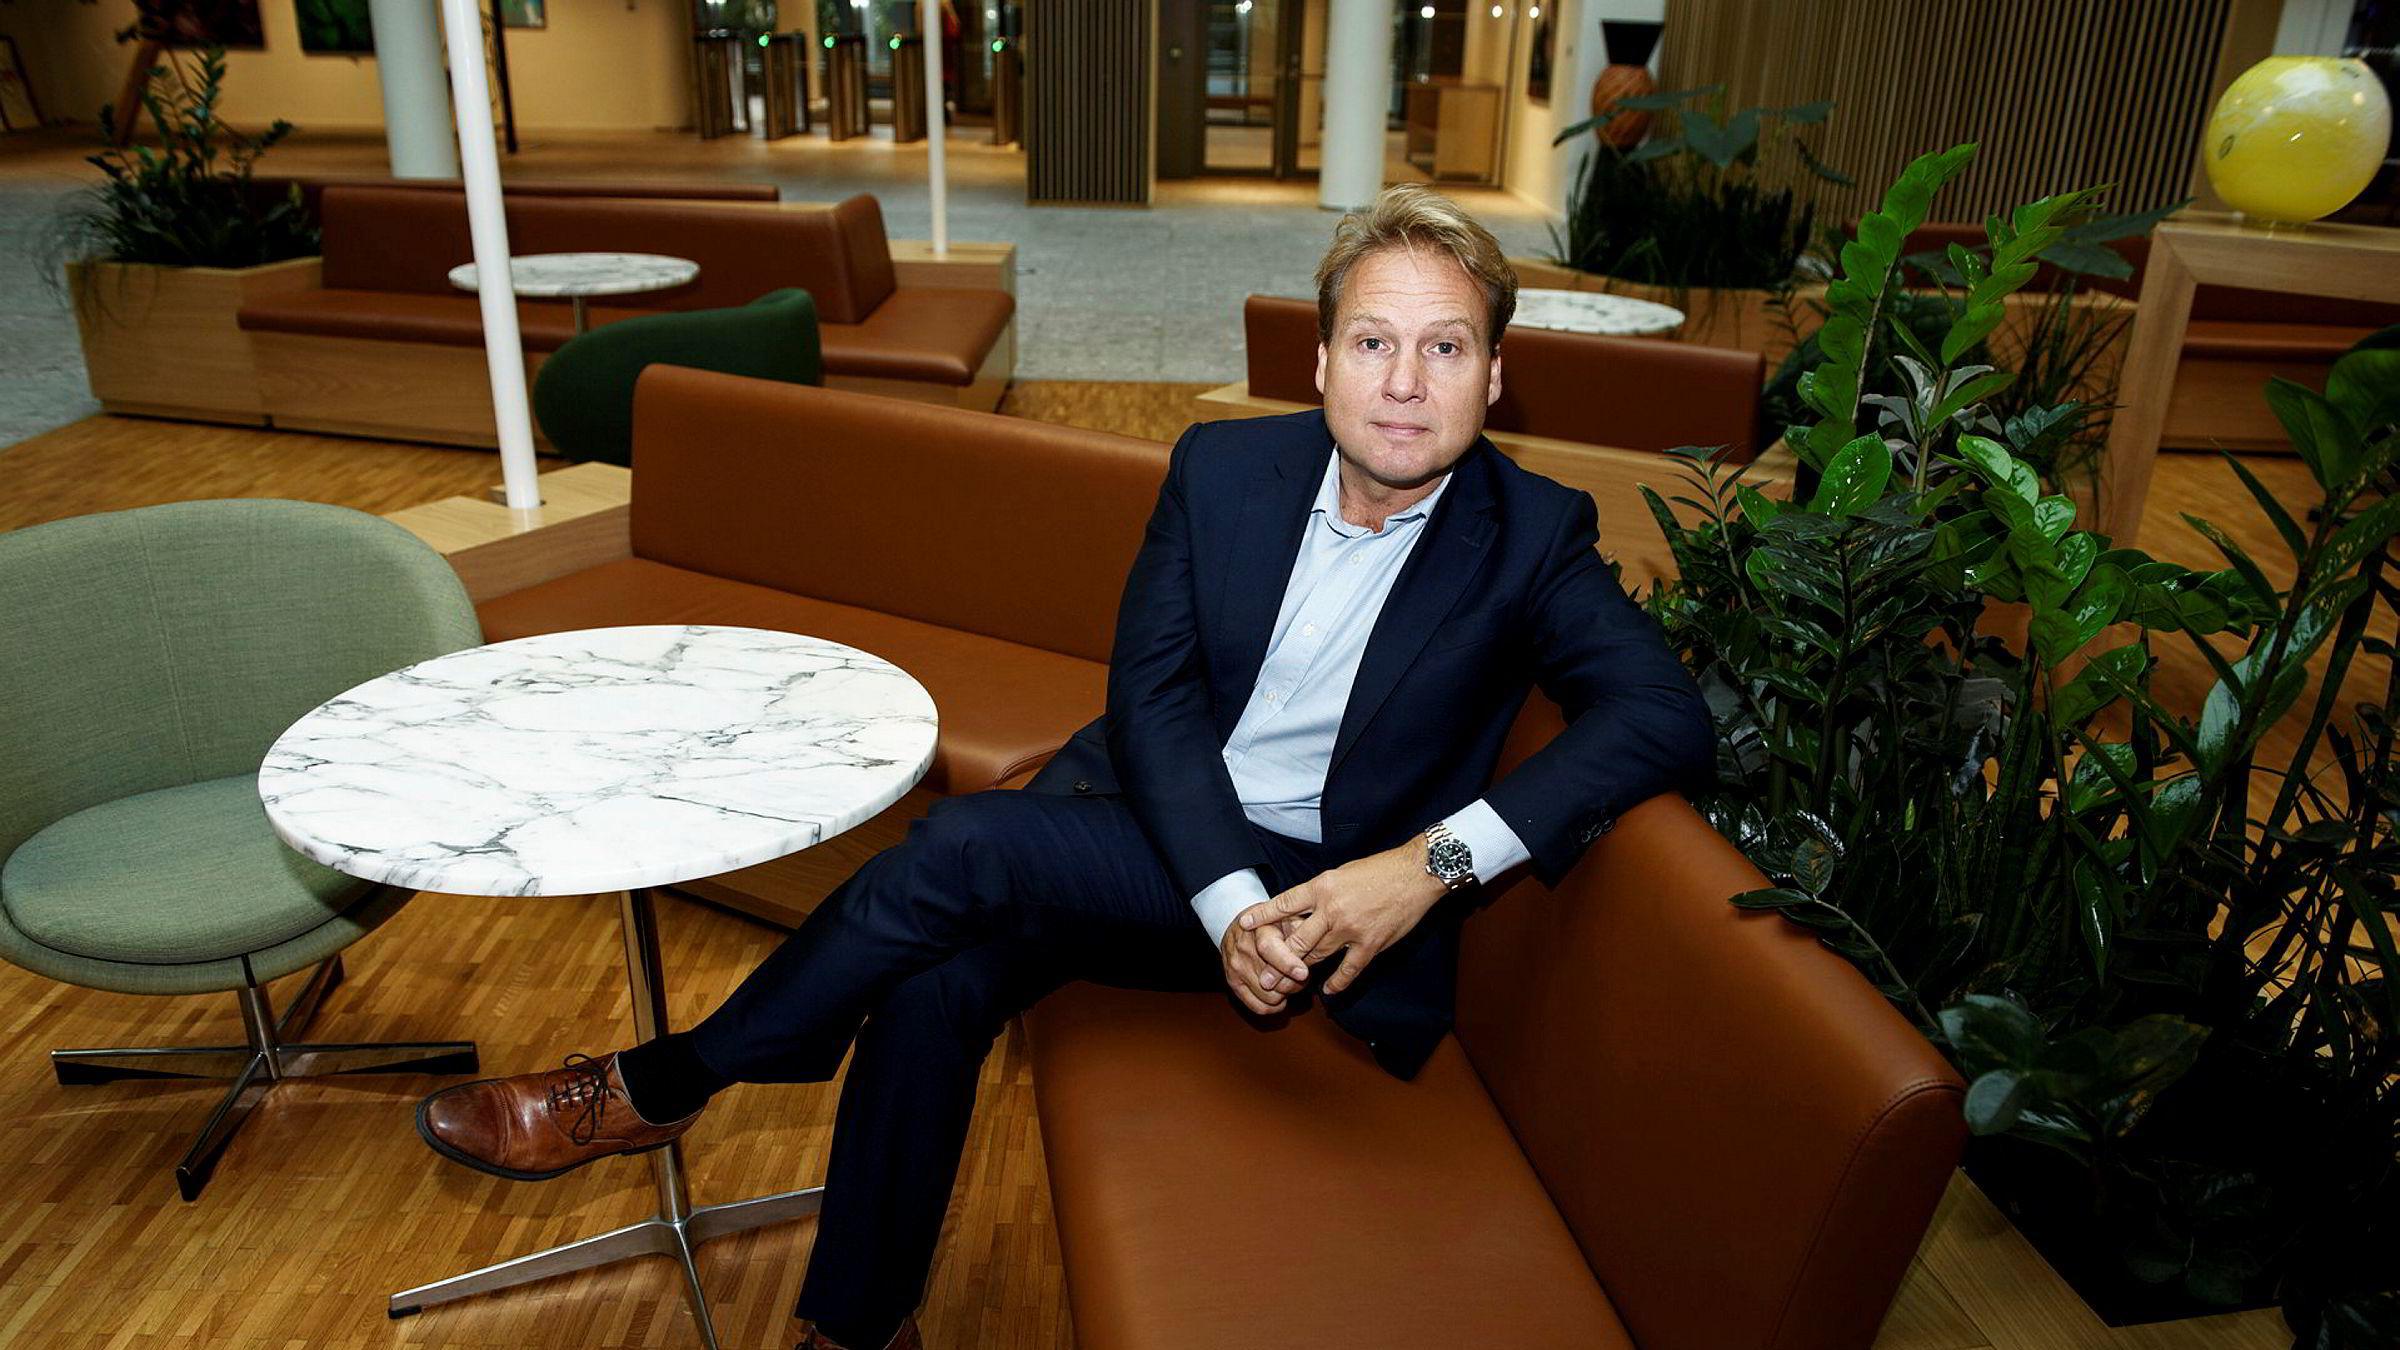 GAMMEL SJEF. John Sætre har stevnet arbeidsgiver Nordea, fordi han mener seg diskriminert på grunn av kjønn og alder.